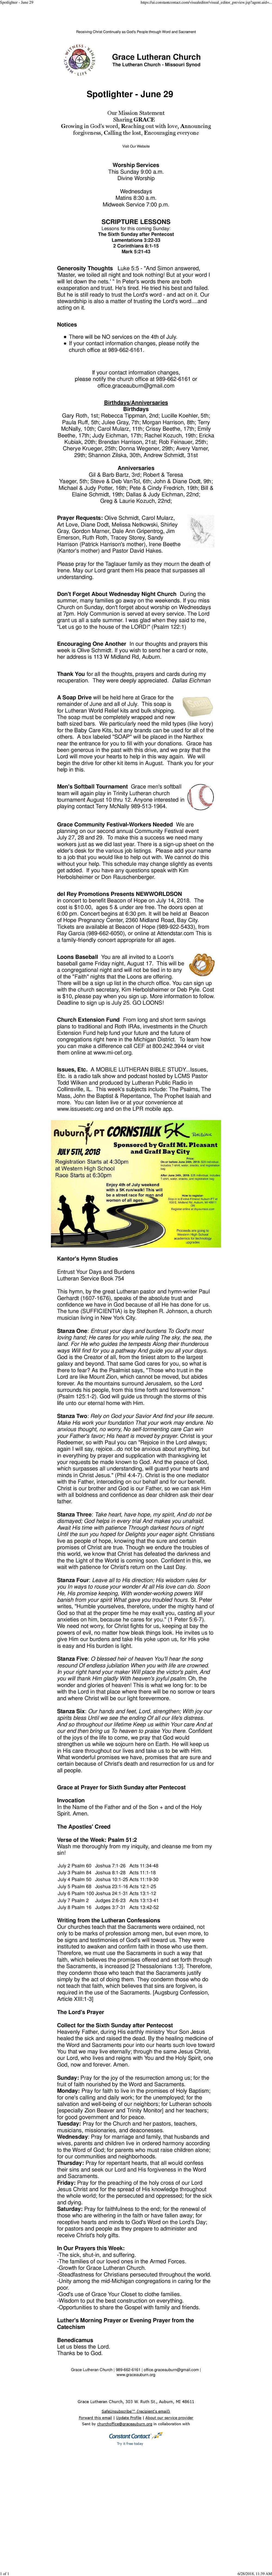 Spotlighter - June 29-page-001.jpg